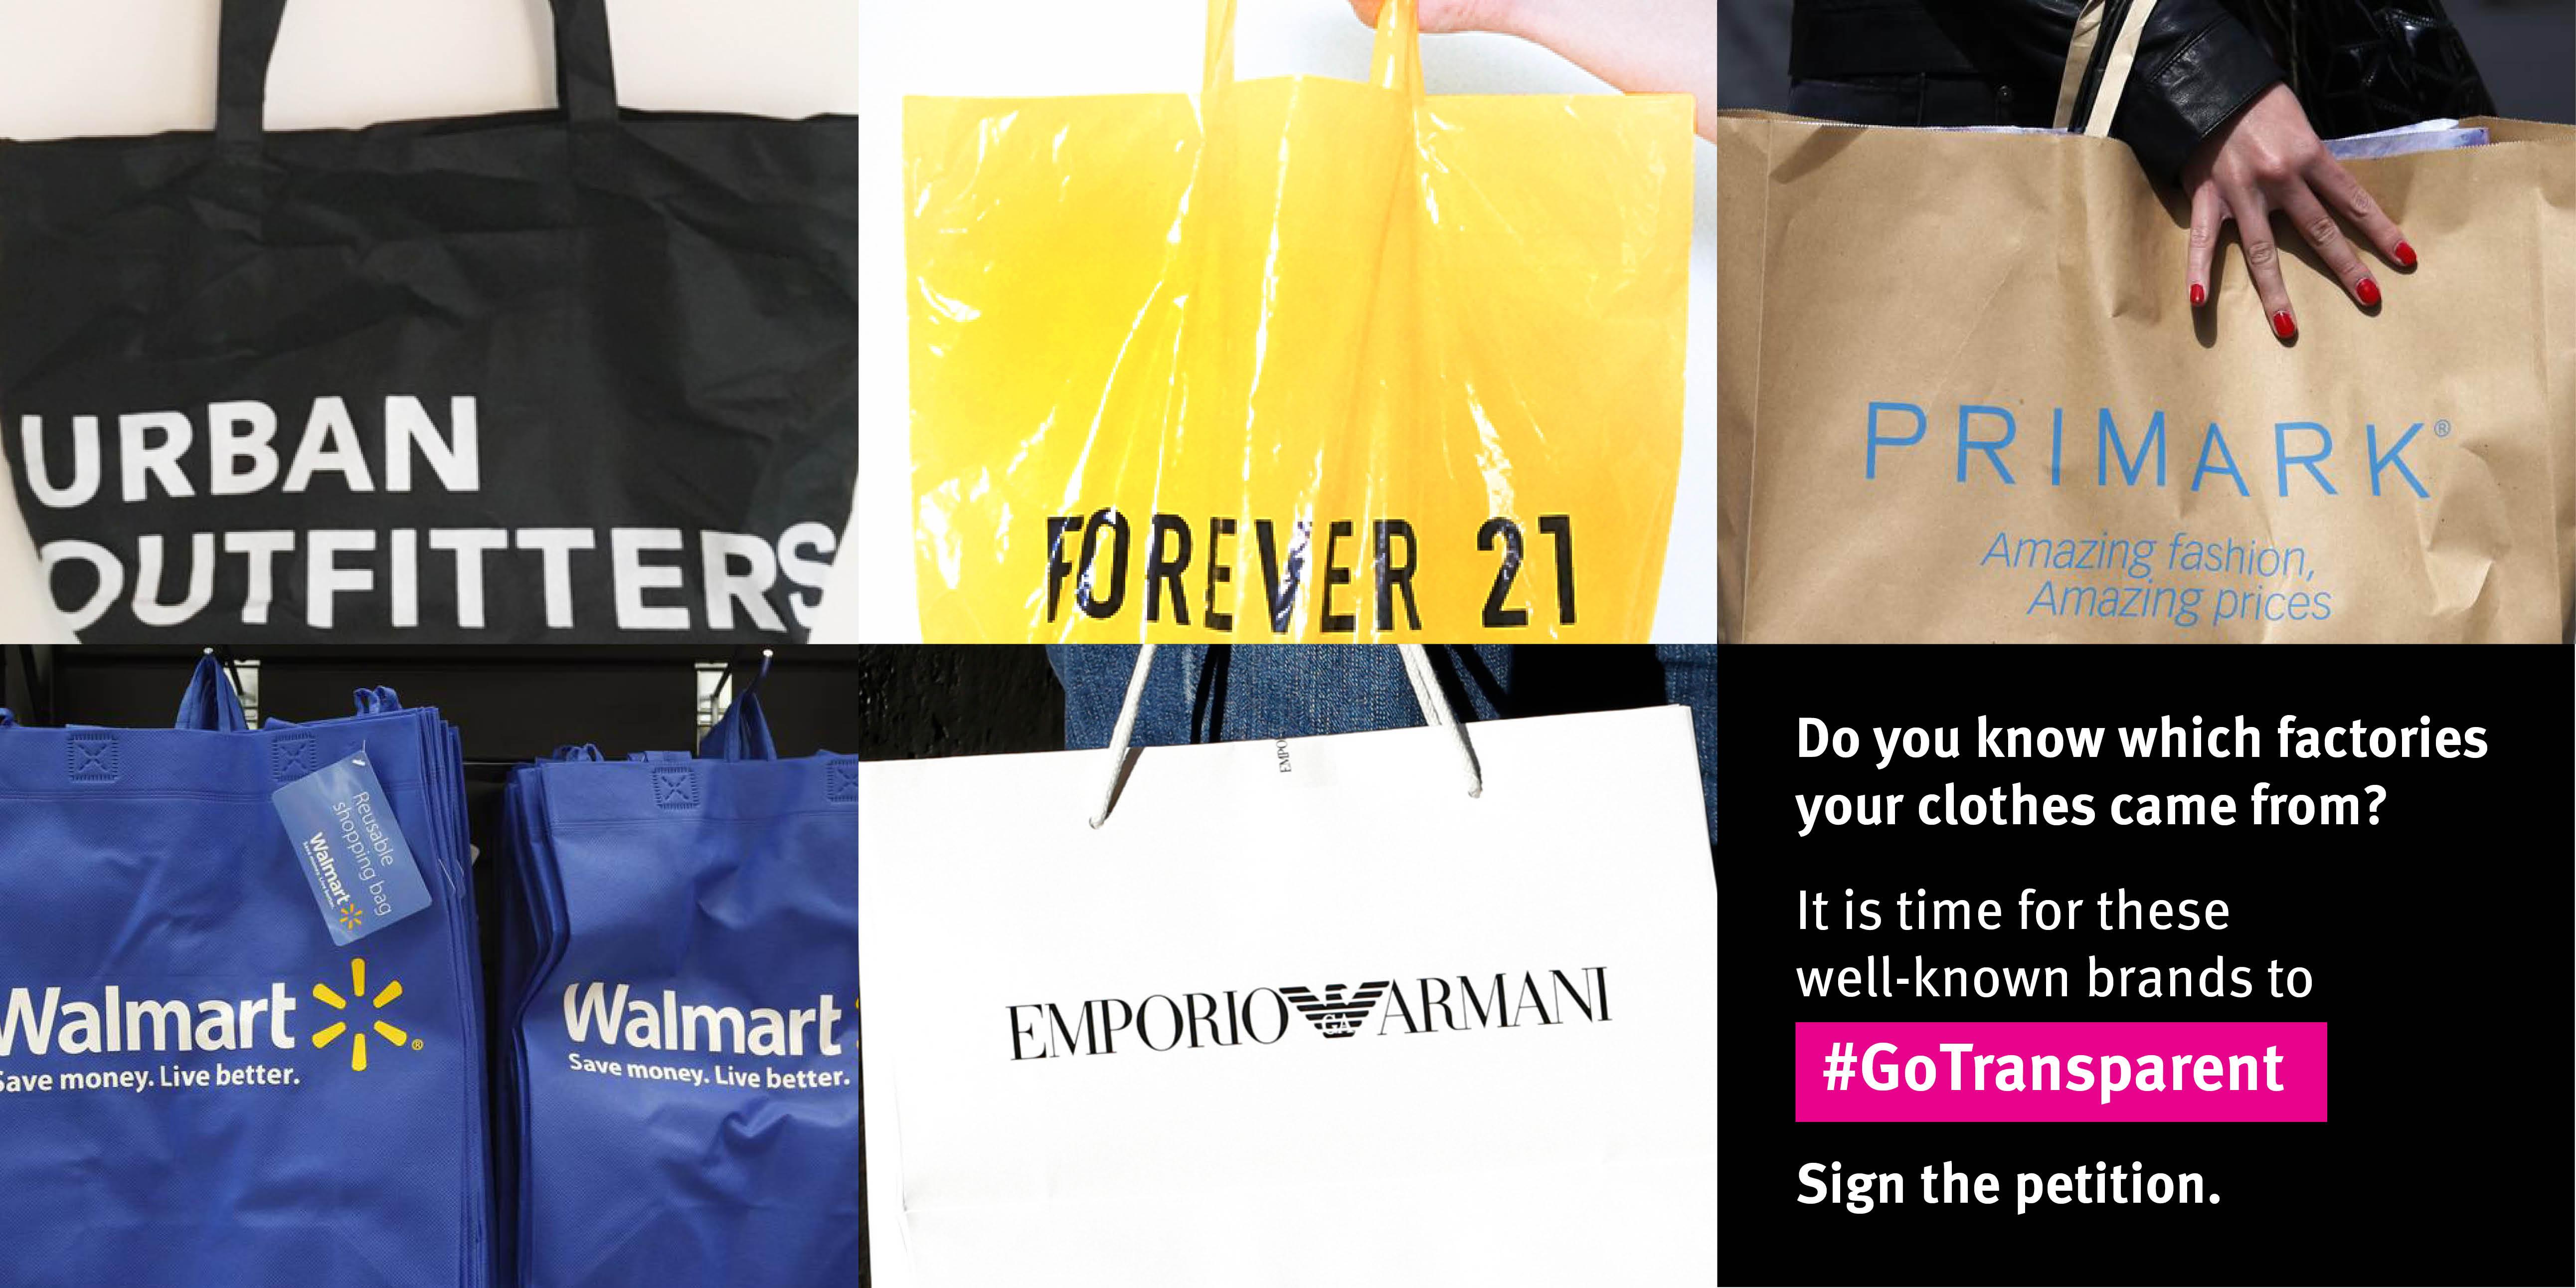 Mehrere Einkaufstüten verschiedener Marken nebeneinander